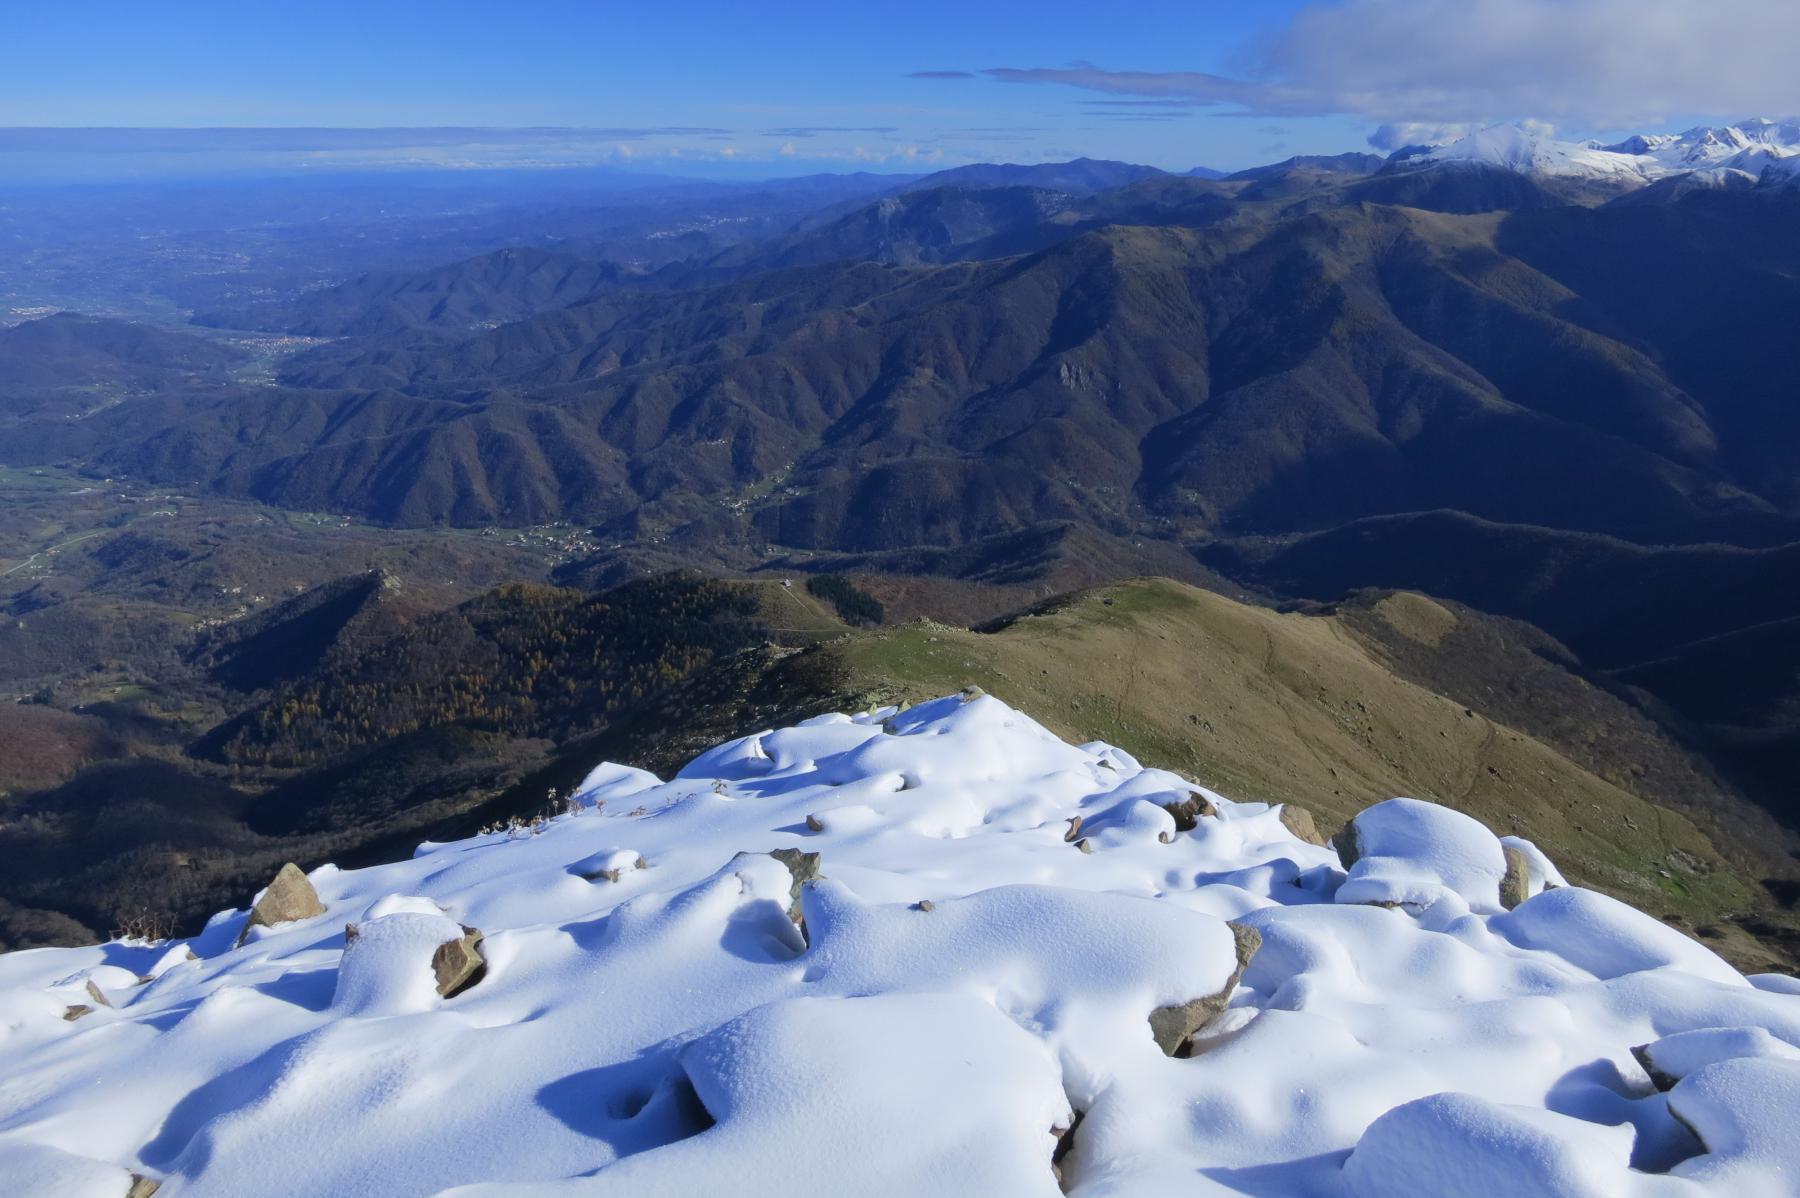 dorsale Est, non visibile la costa della mula che scende verso C.Morteis con, a dx dell'Osservatorio, la pinetina e la dorsale boscosa col sentiero che passa nelle Borgate Ciccioni